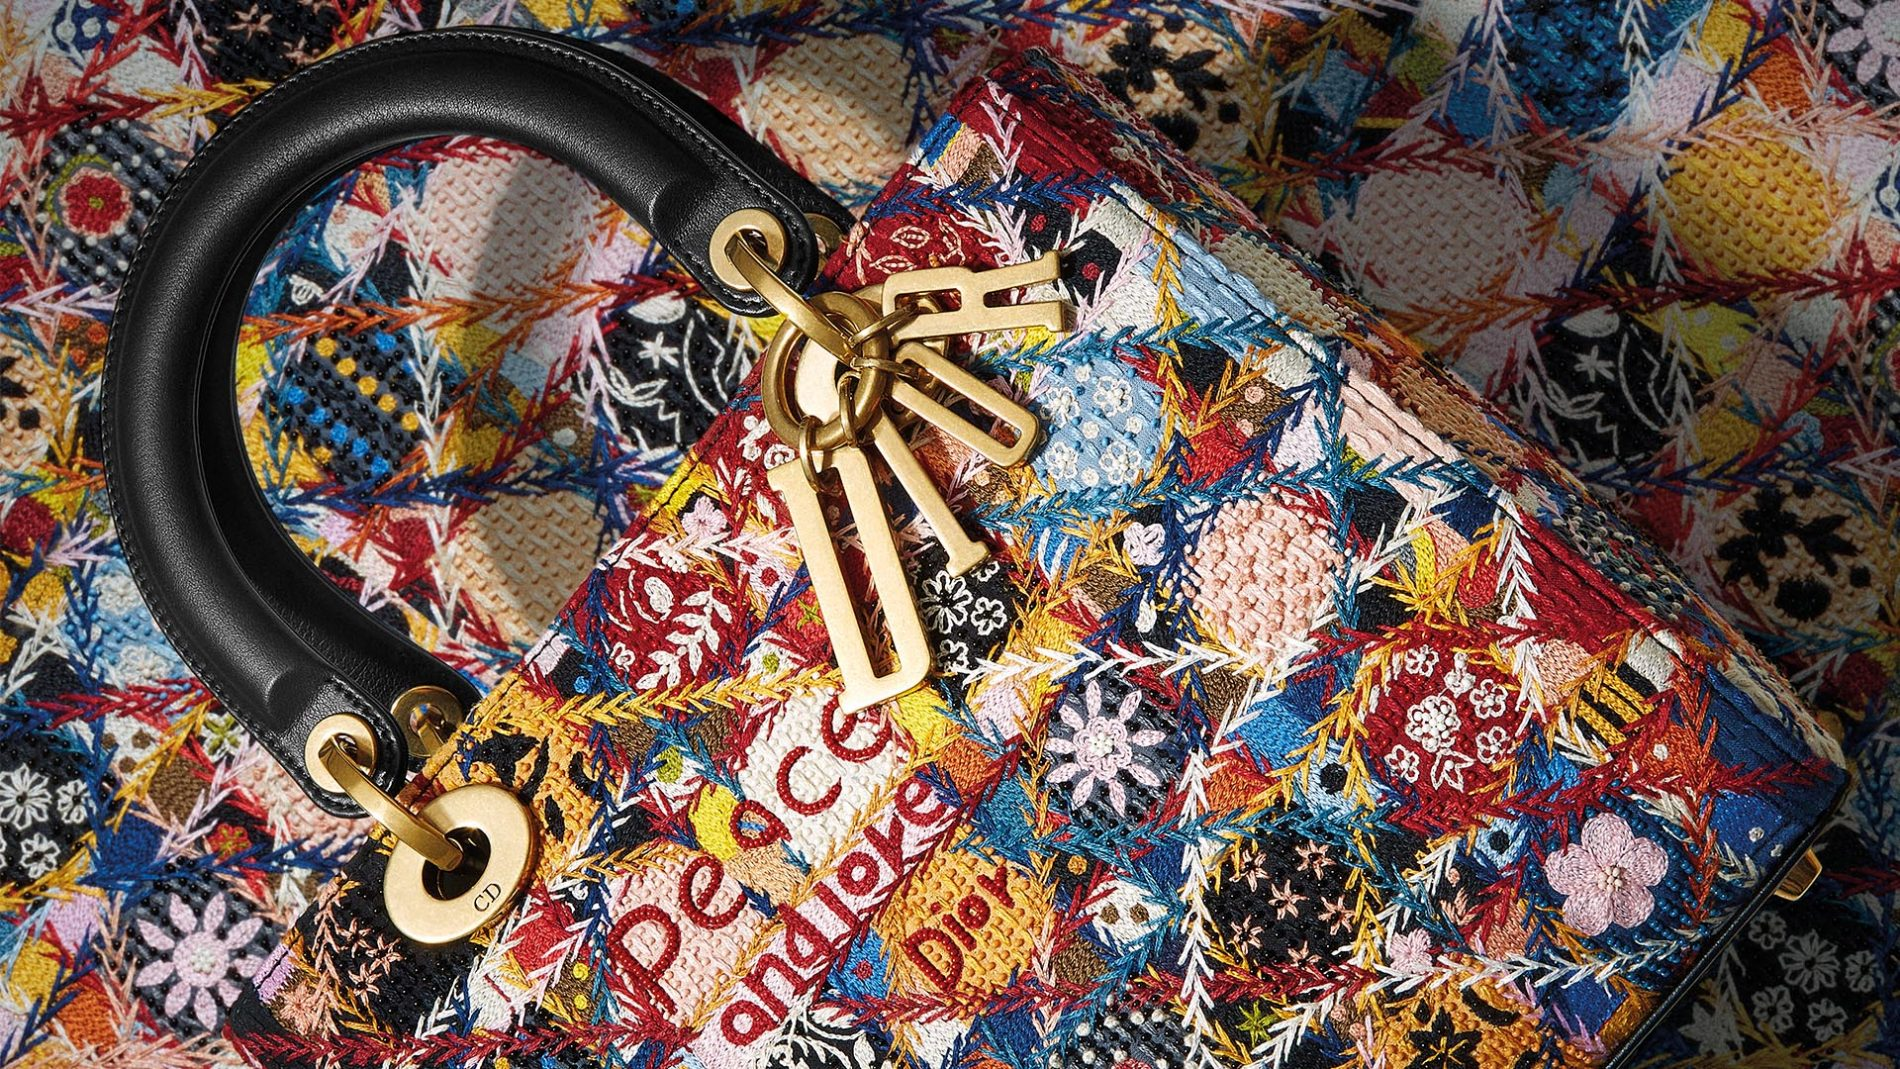 El Corte Inglés Designer Handbags Dior